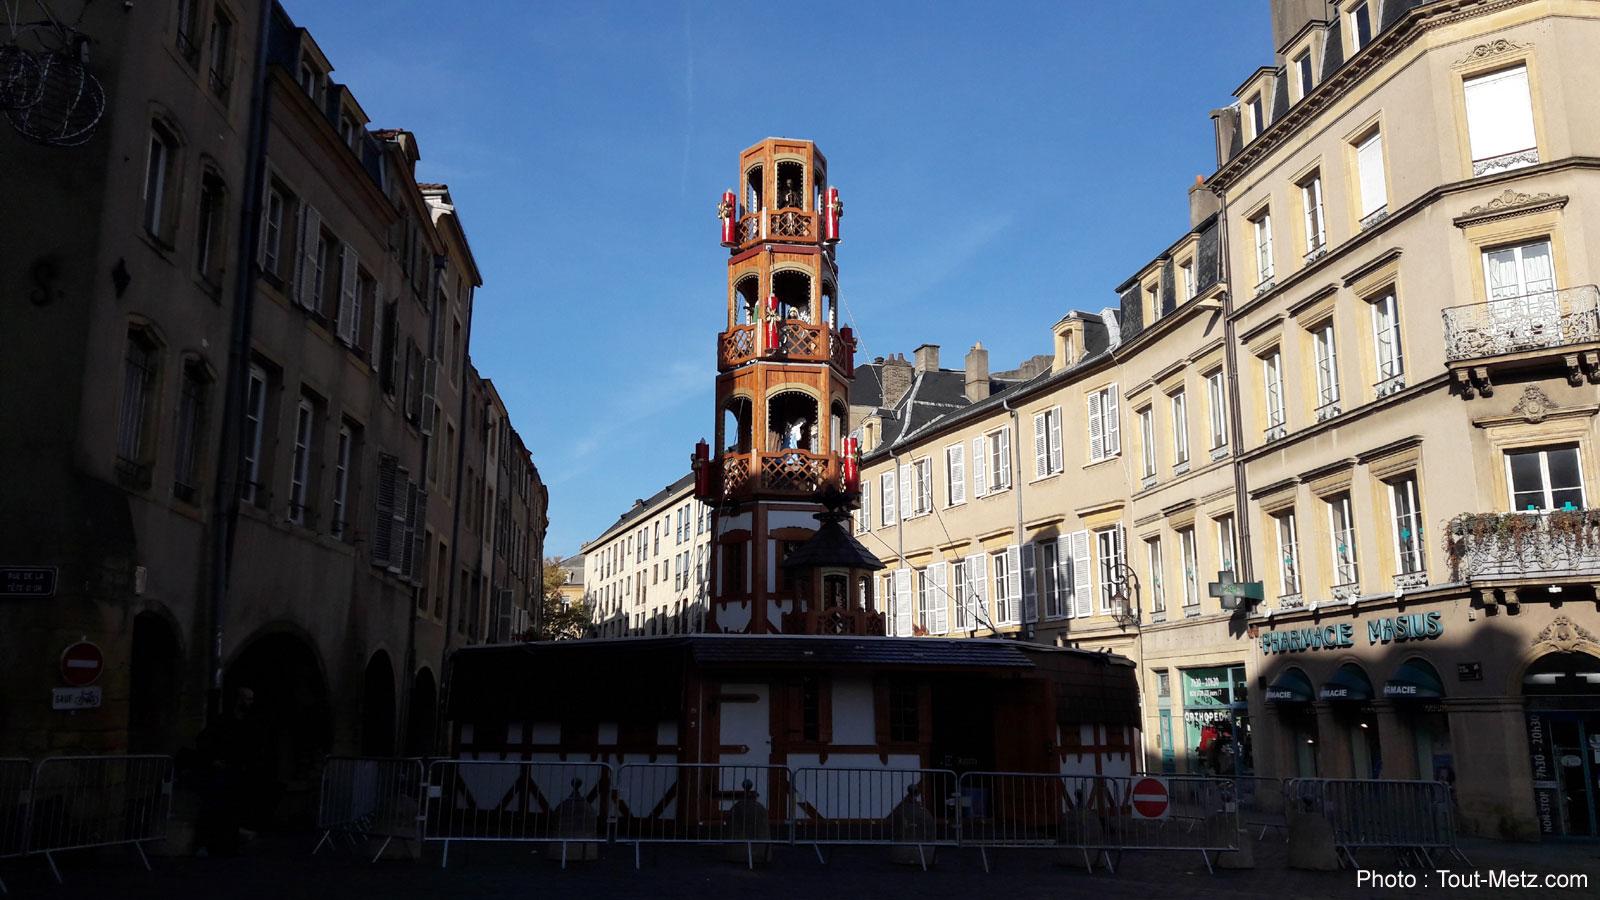 Photos : Pyramide et Féerie, les prémices de Noël dans les rues de Metz